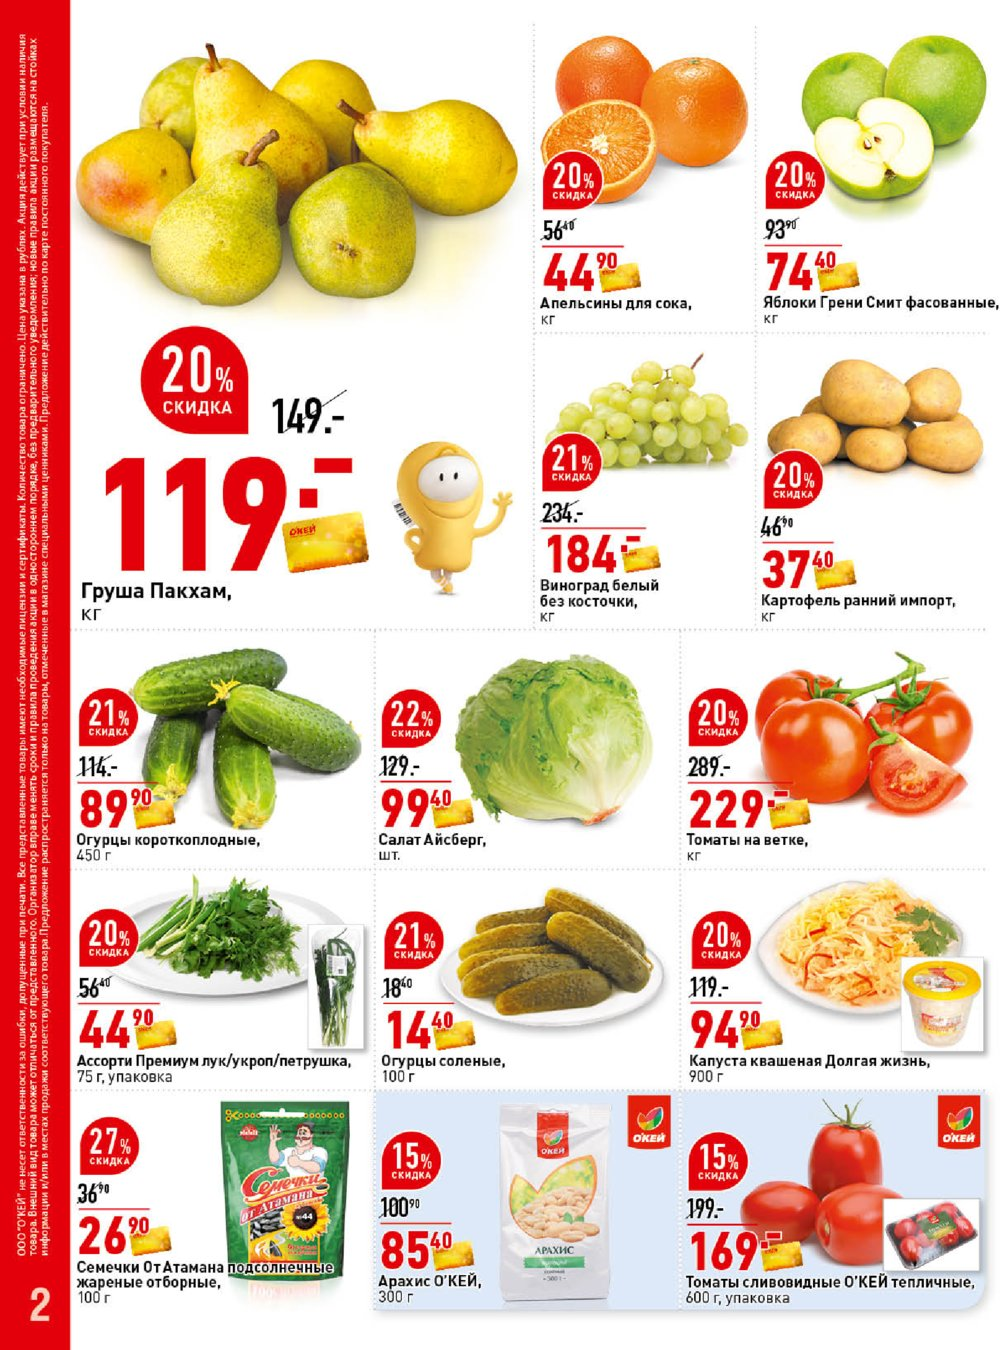 Каталог акций Окей Супермаркет с 20 апреля по 3 мая 2017 - стр. 2